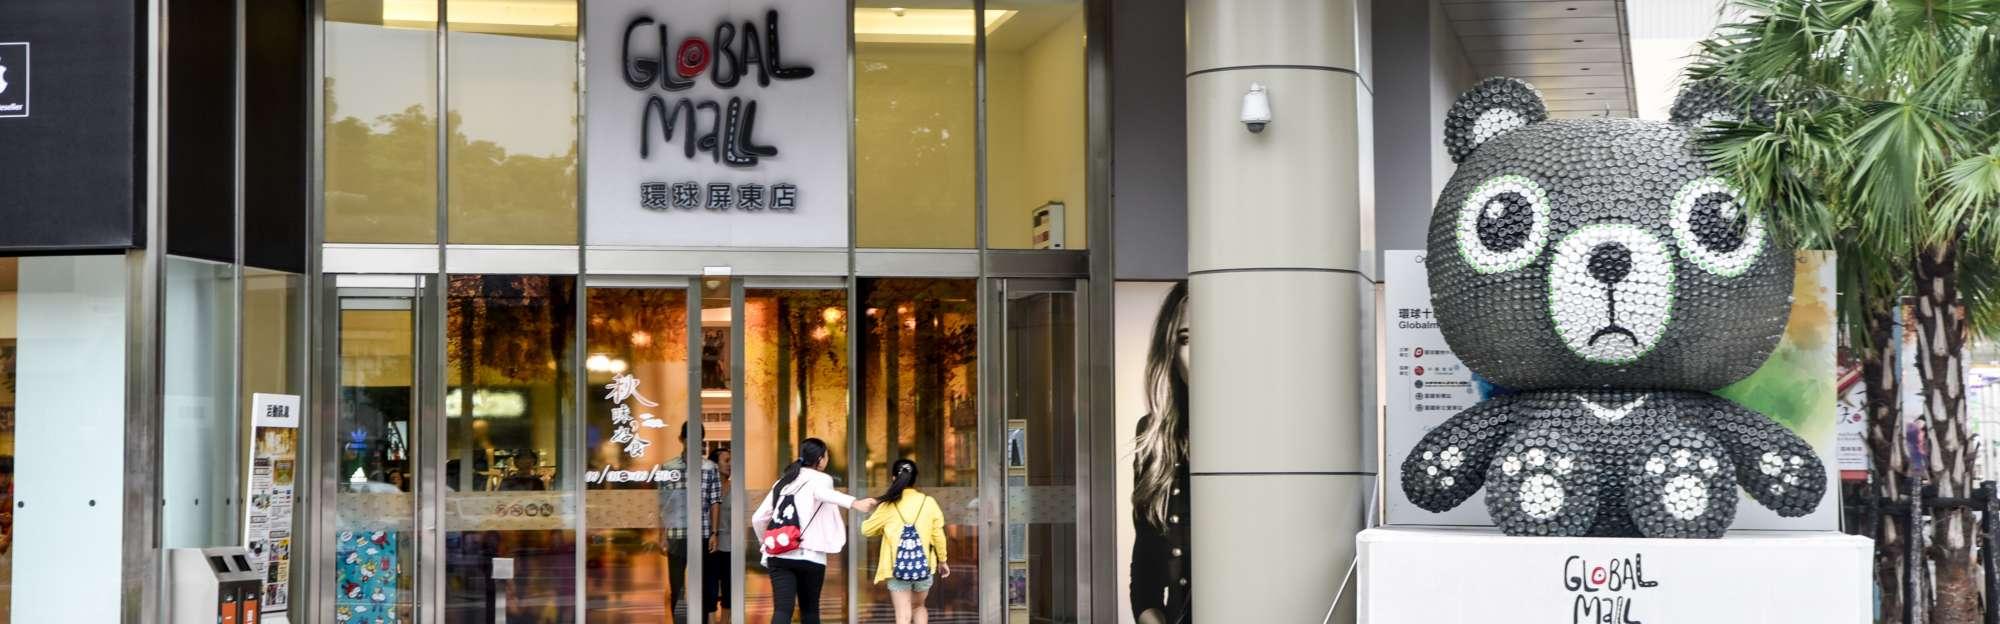 融入生活的購物中心 去血拼好像找鄰居 - 環球屏東店